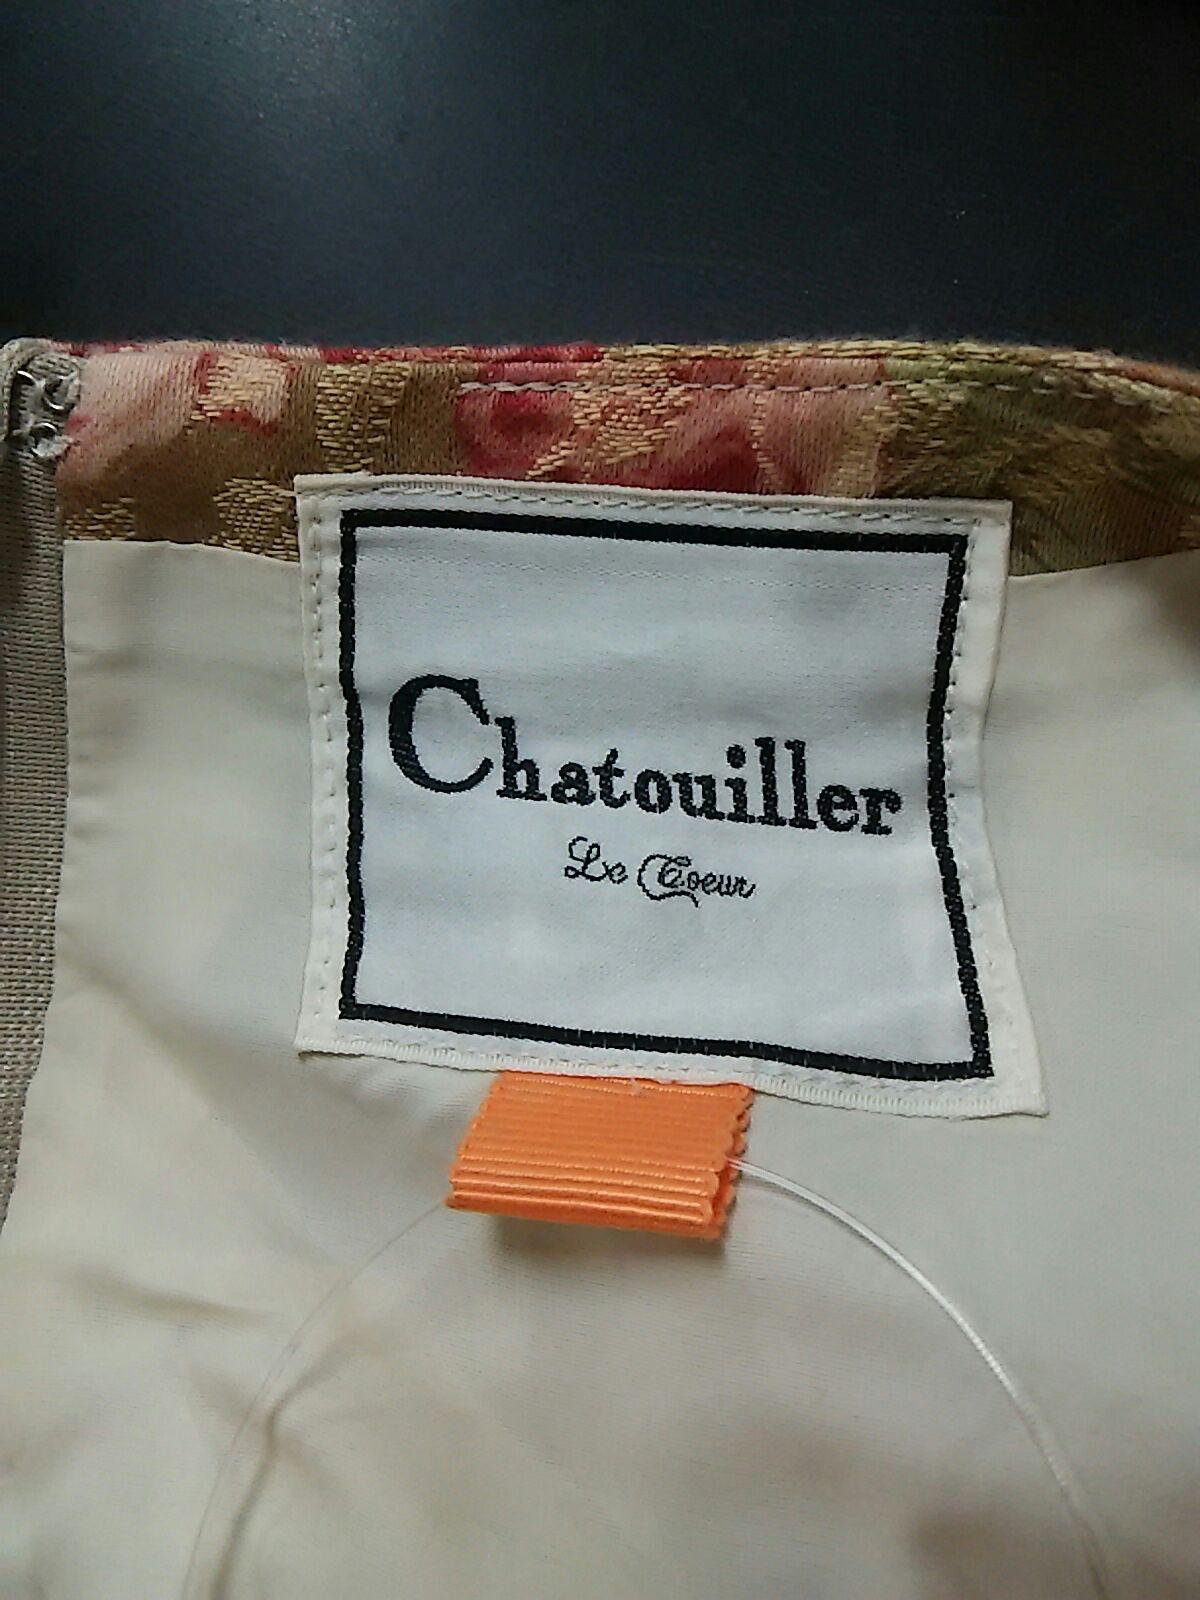 Chatouiller(シャトゥリエ)のワンピース